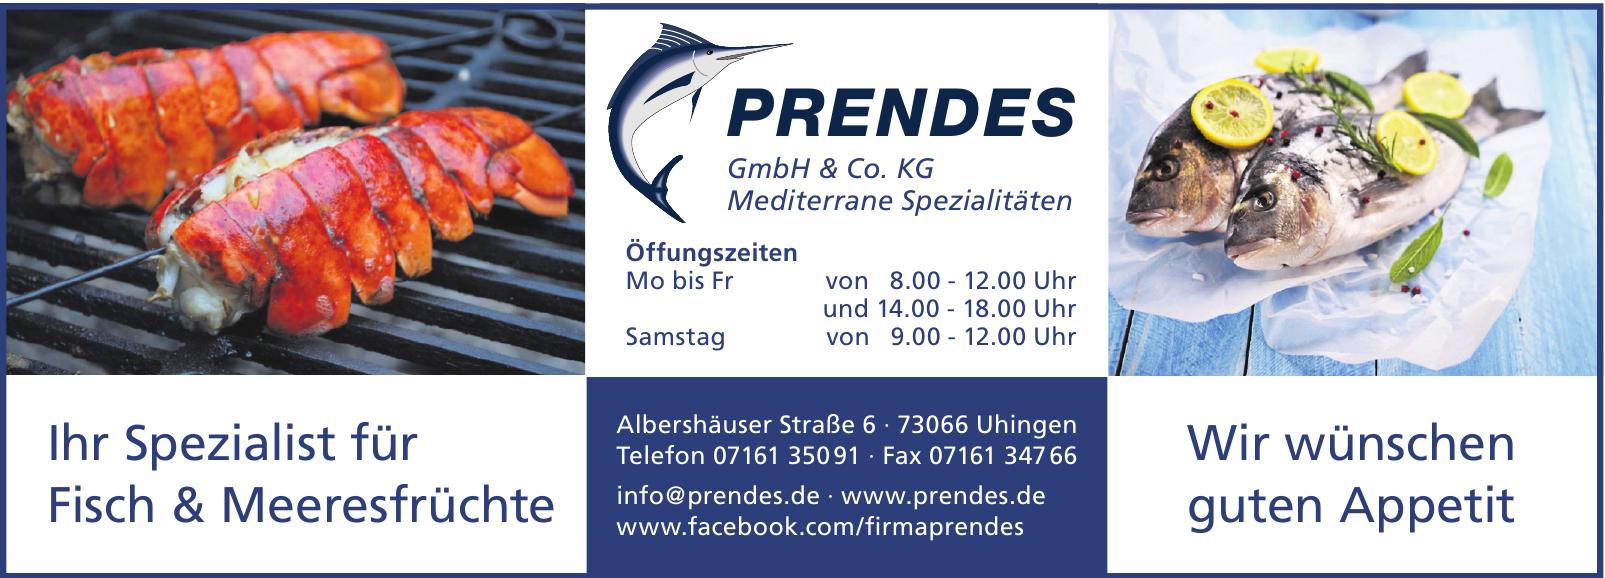 Prendes GmbH & Co. KG · Mediterrane Spezialitäten